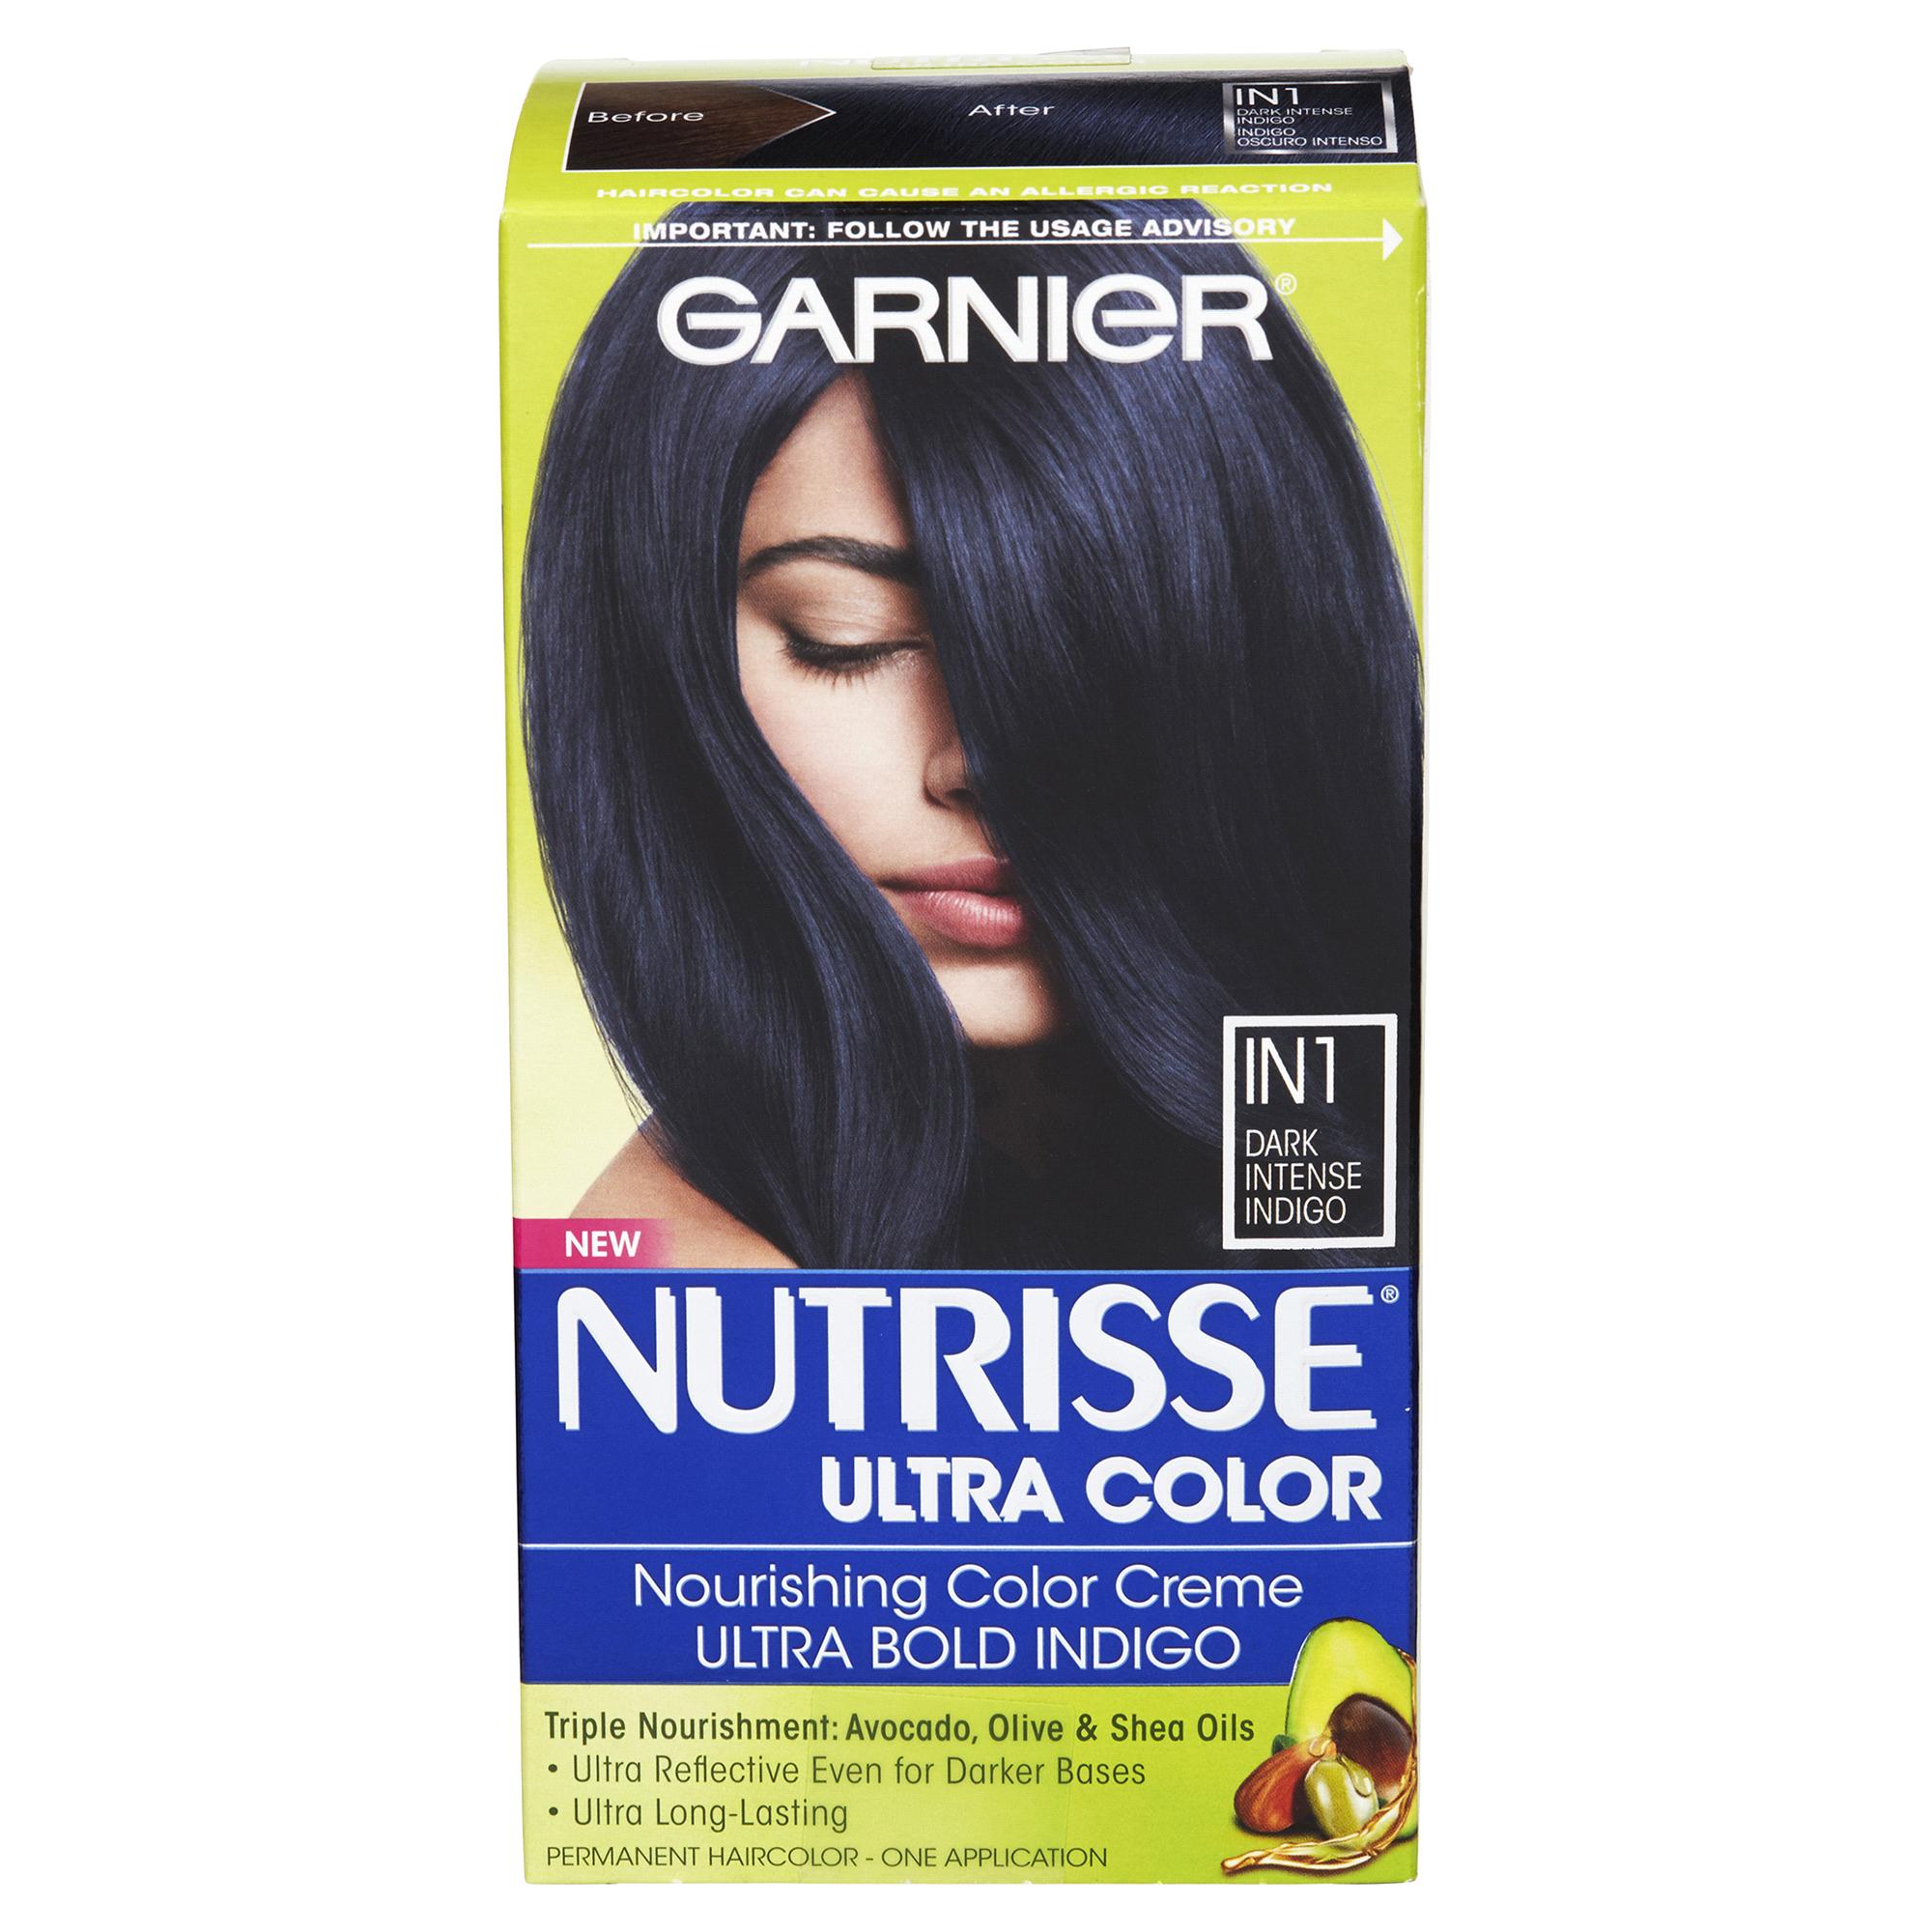 Garnier Nutrisse Ultra Color Creme Dark Intense Indigo In1 Meijer